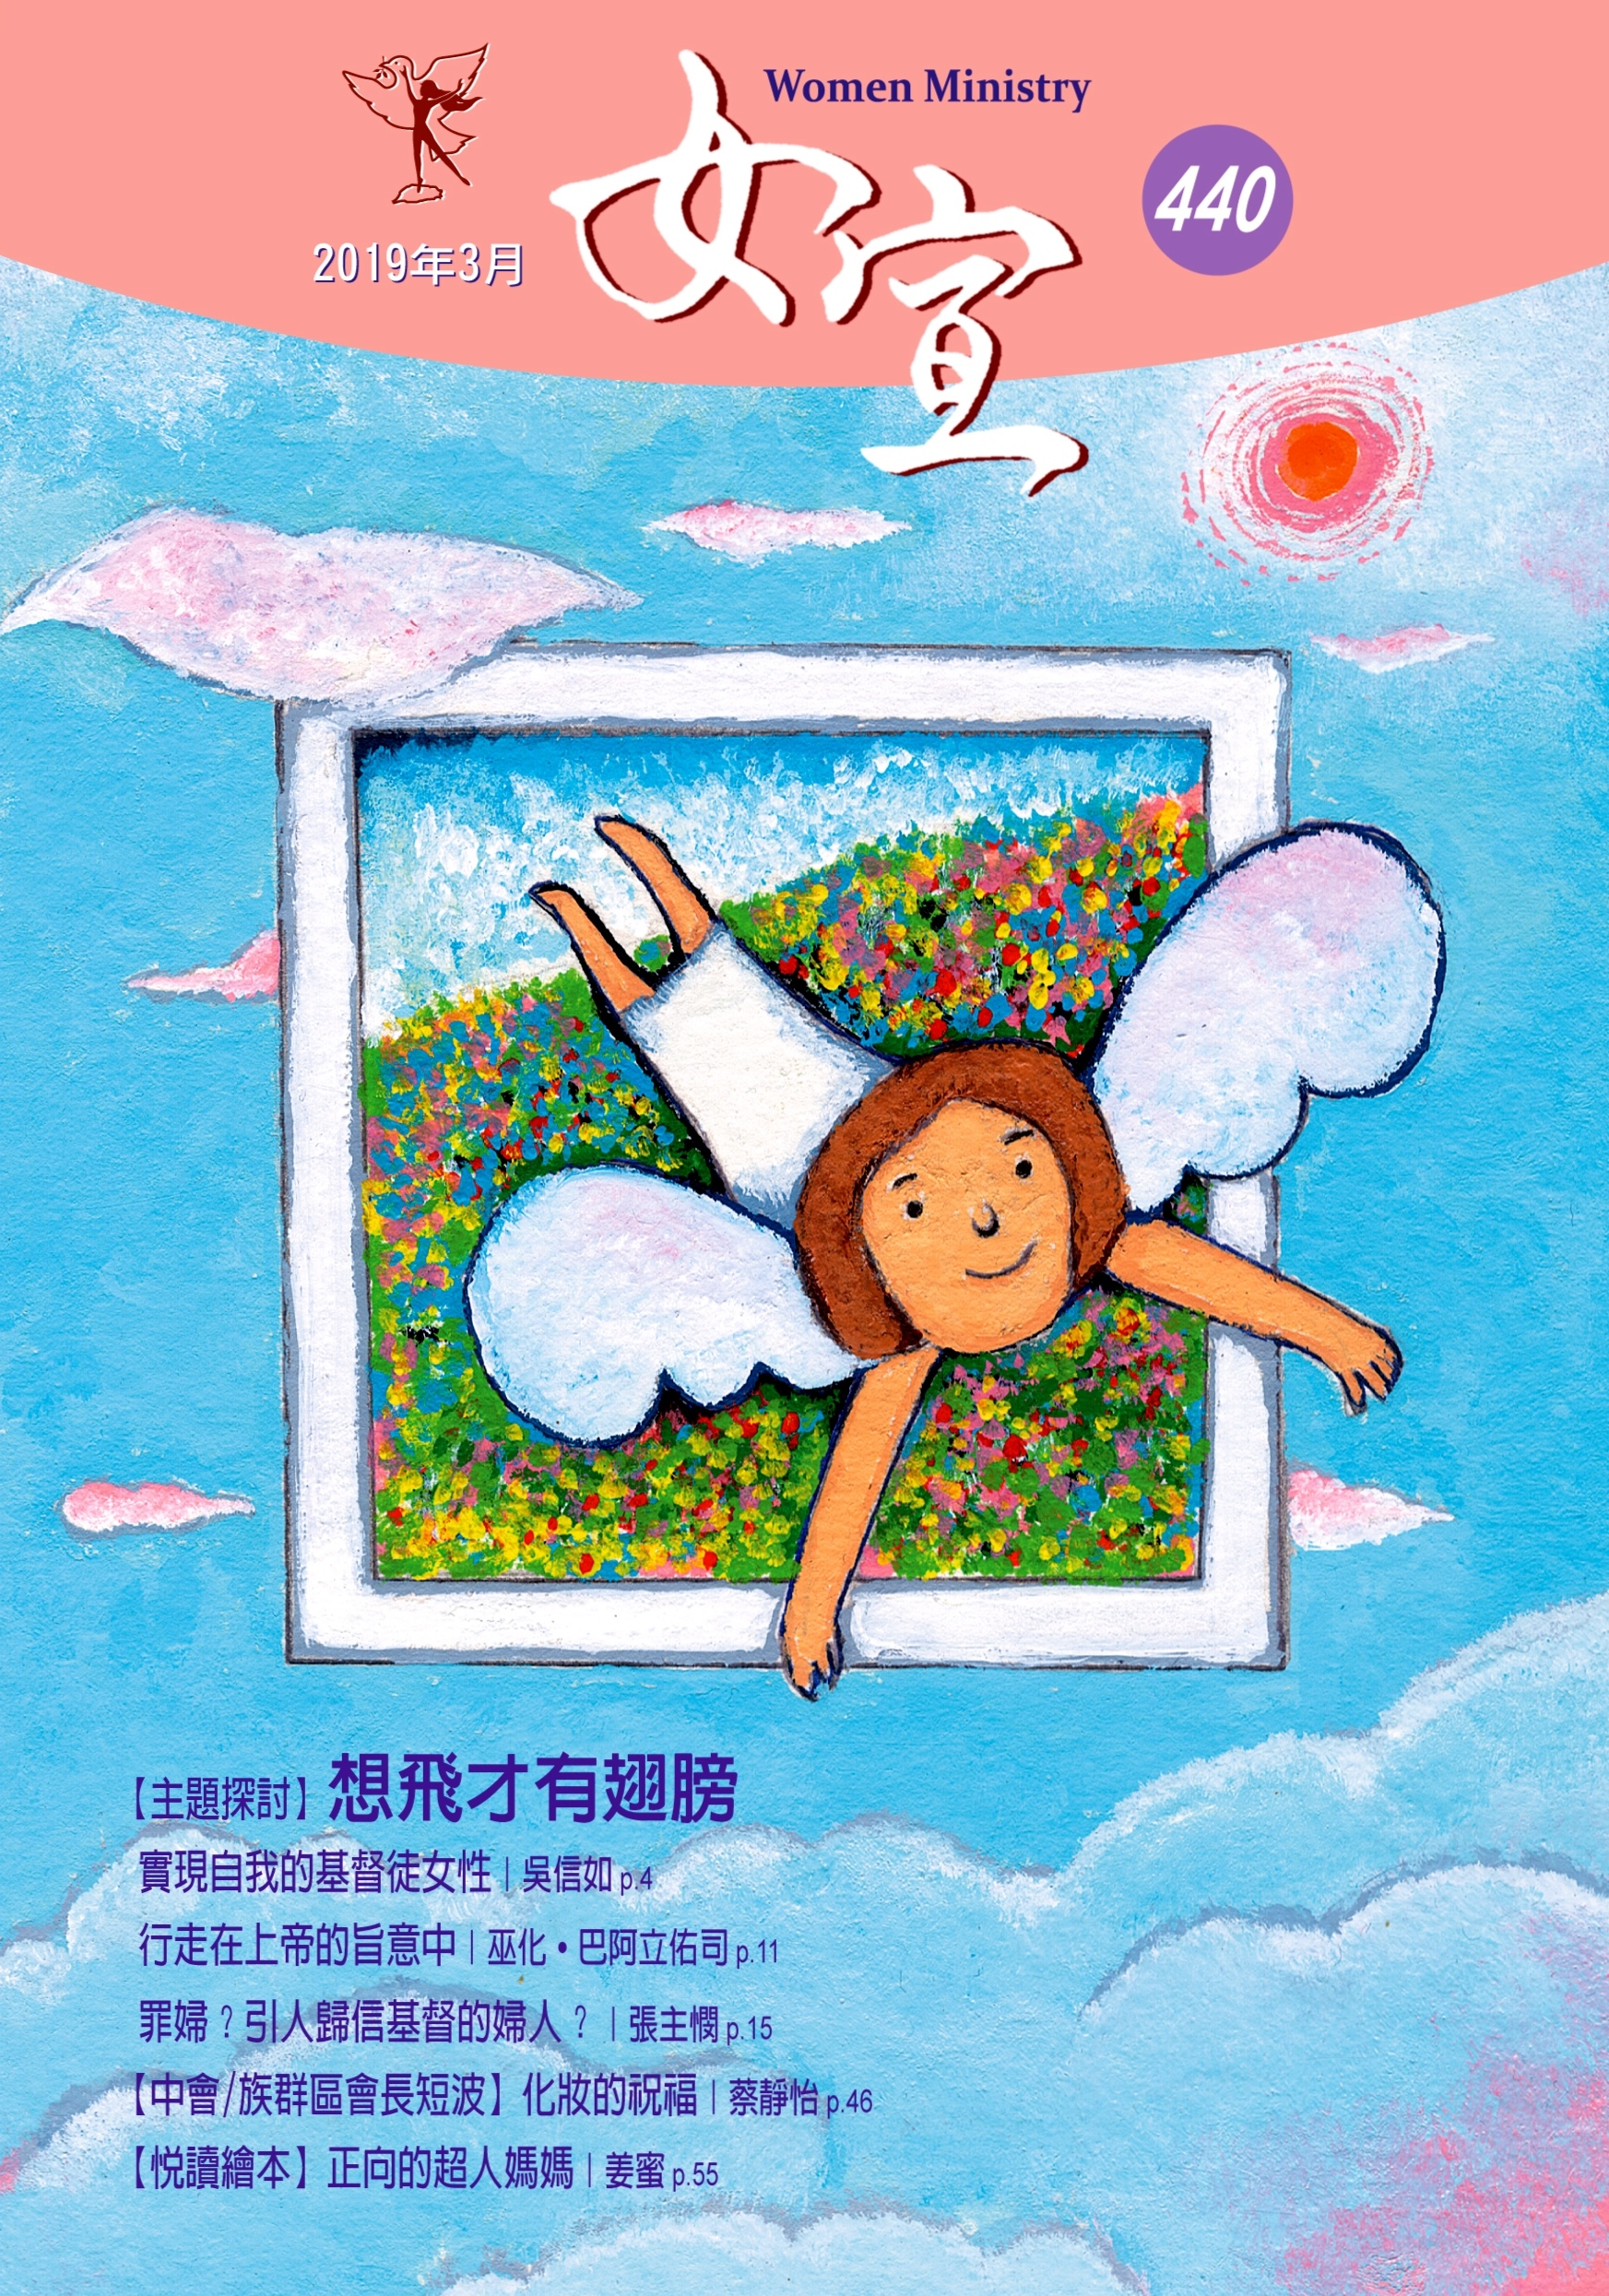 女宣雜誌 Lusoan Magazine  440期  2019年  3月 想飛才有翅膀